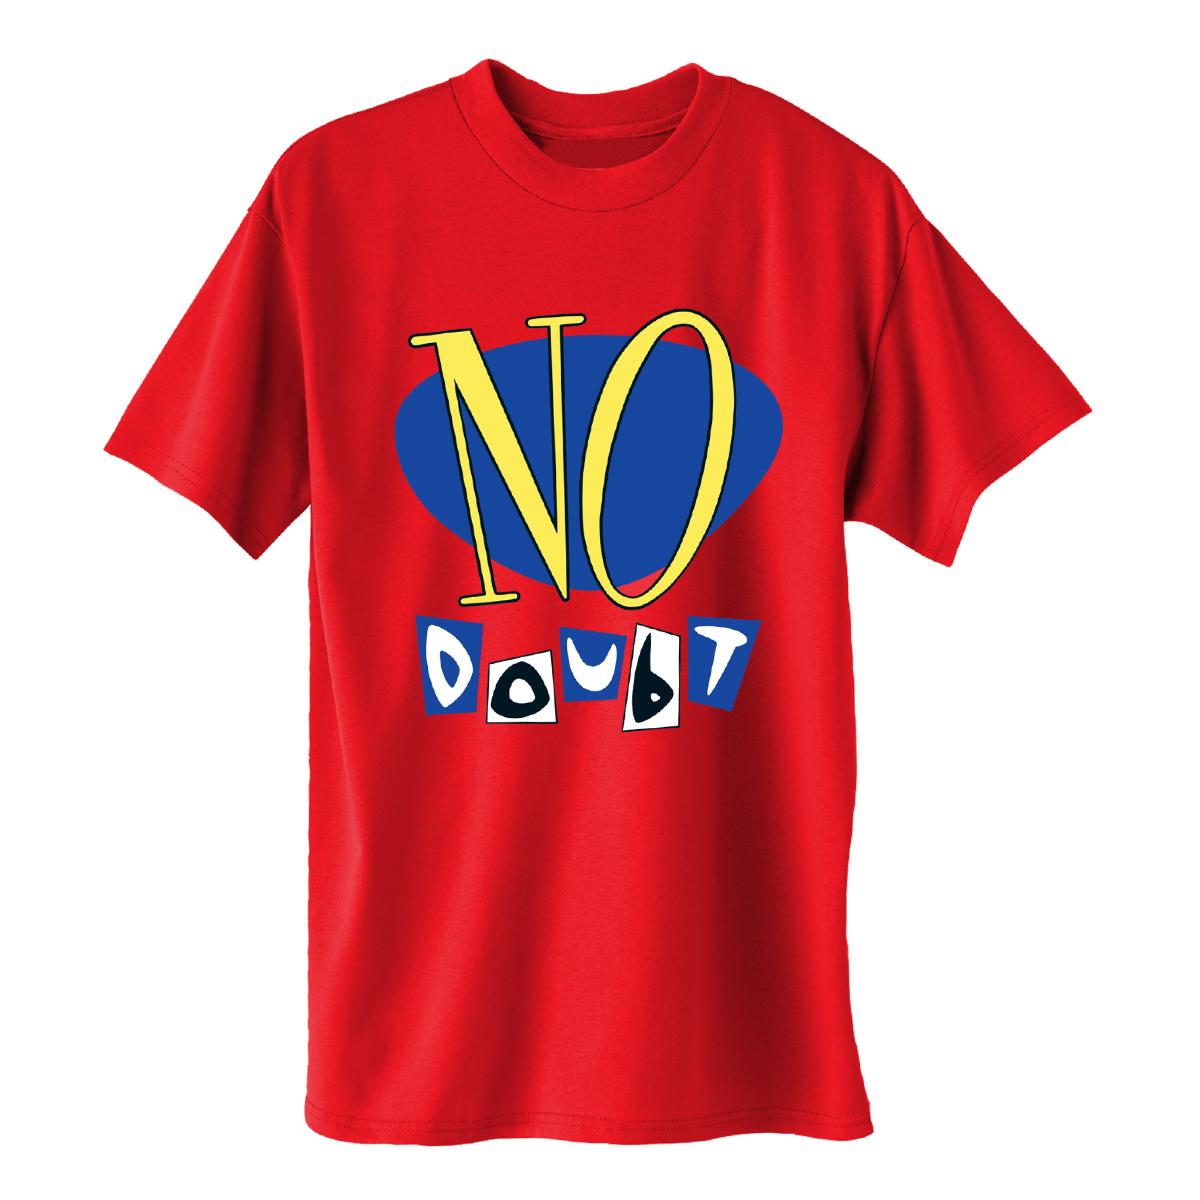 No Doubt Vinyl Release Red Unisex Tee